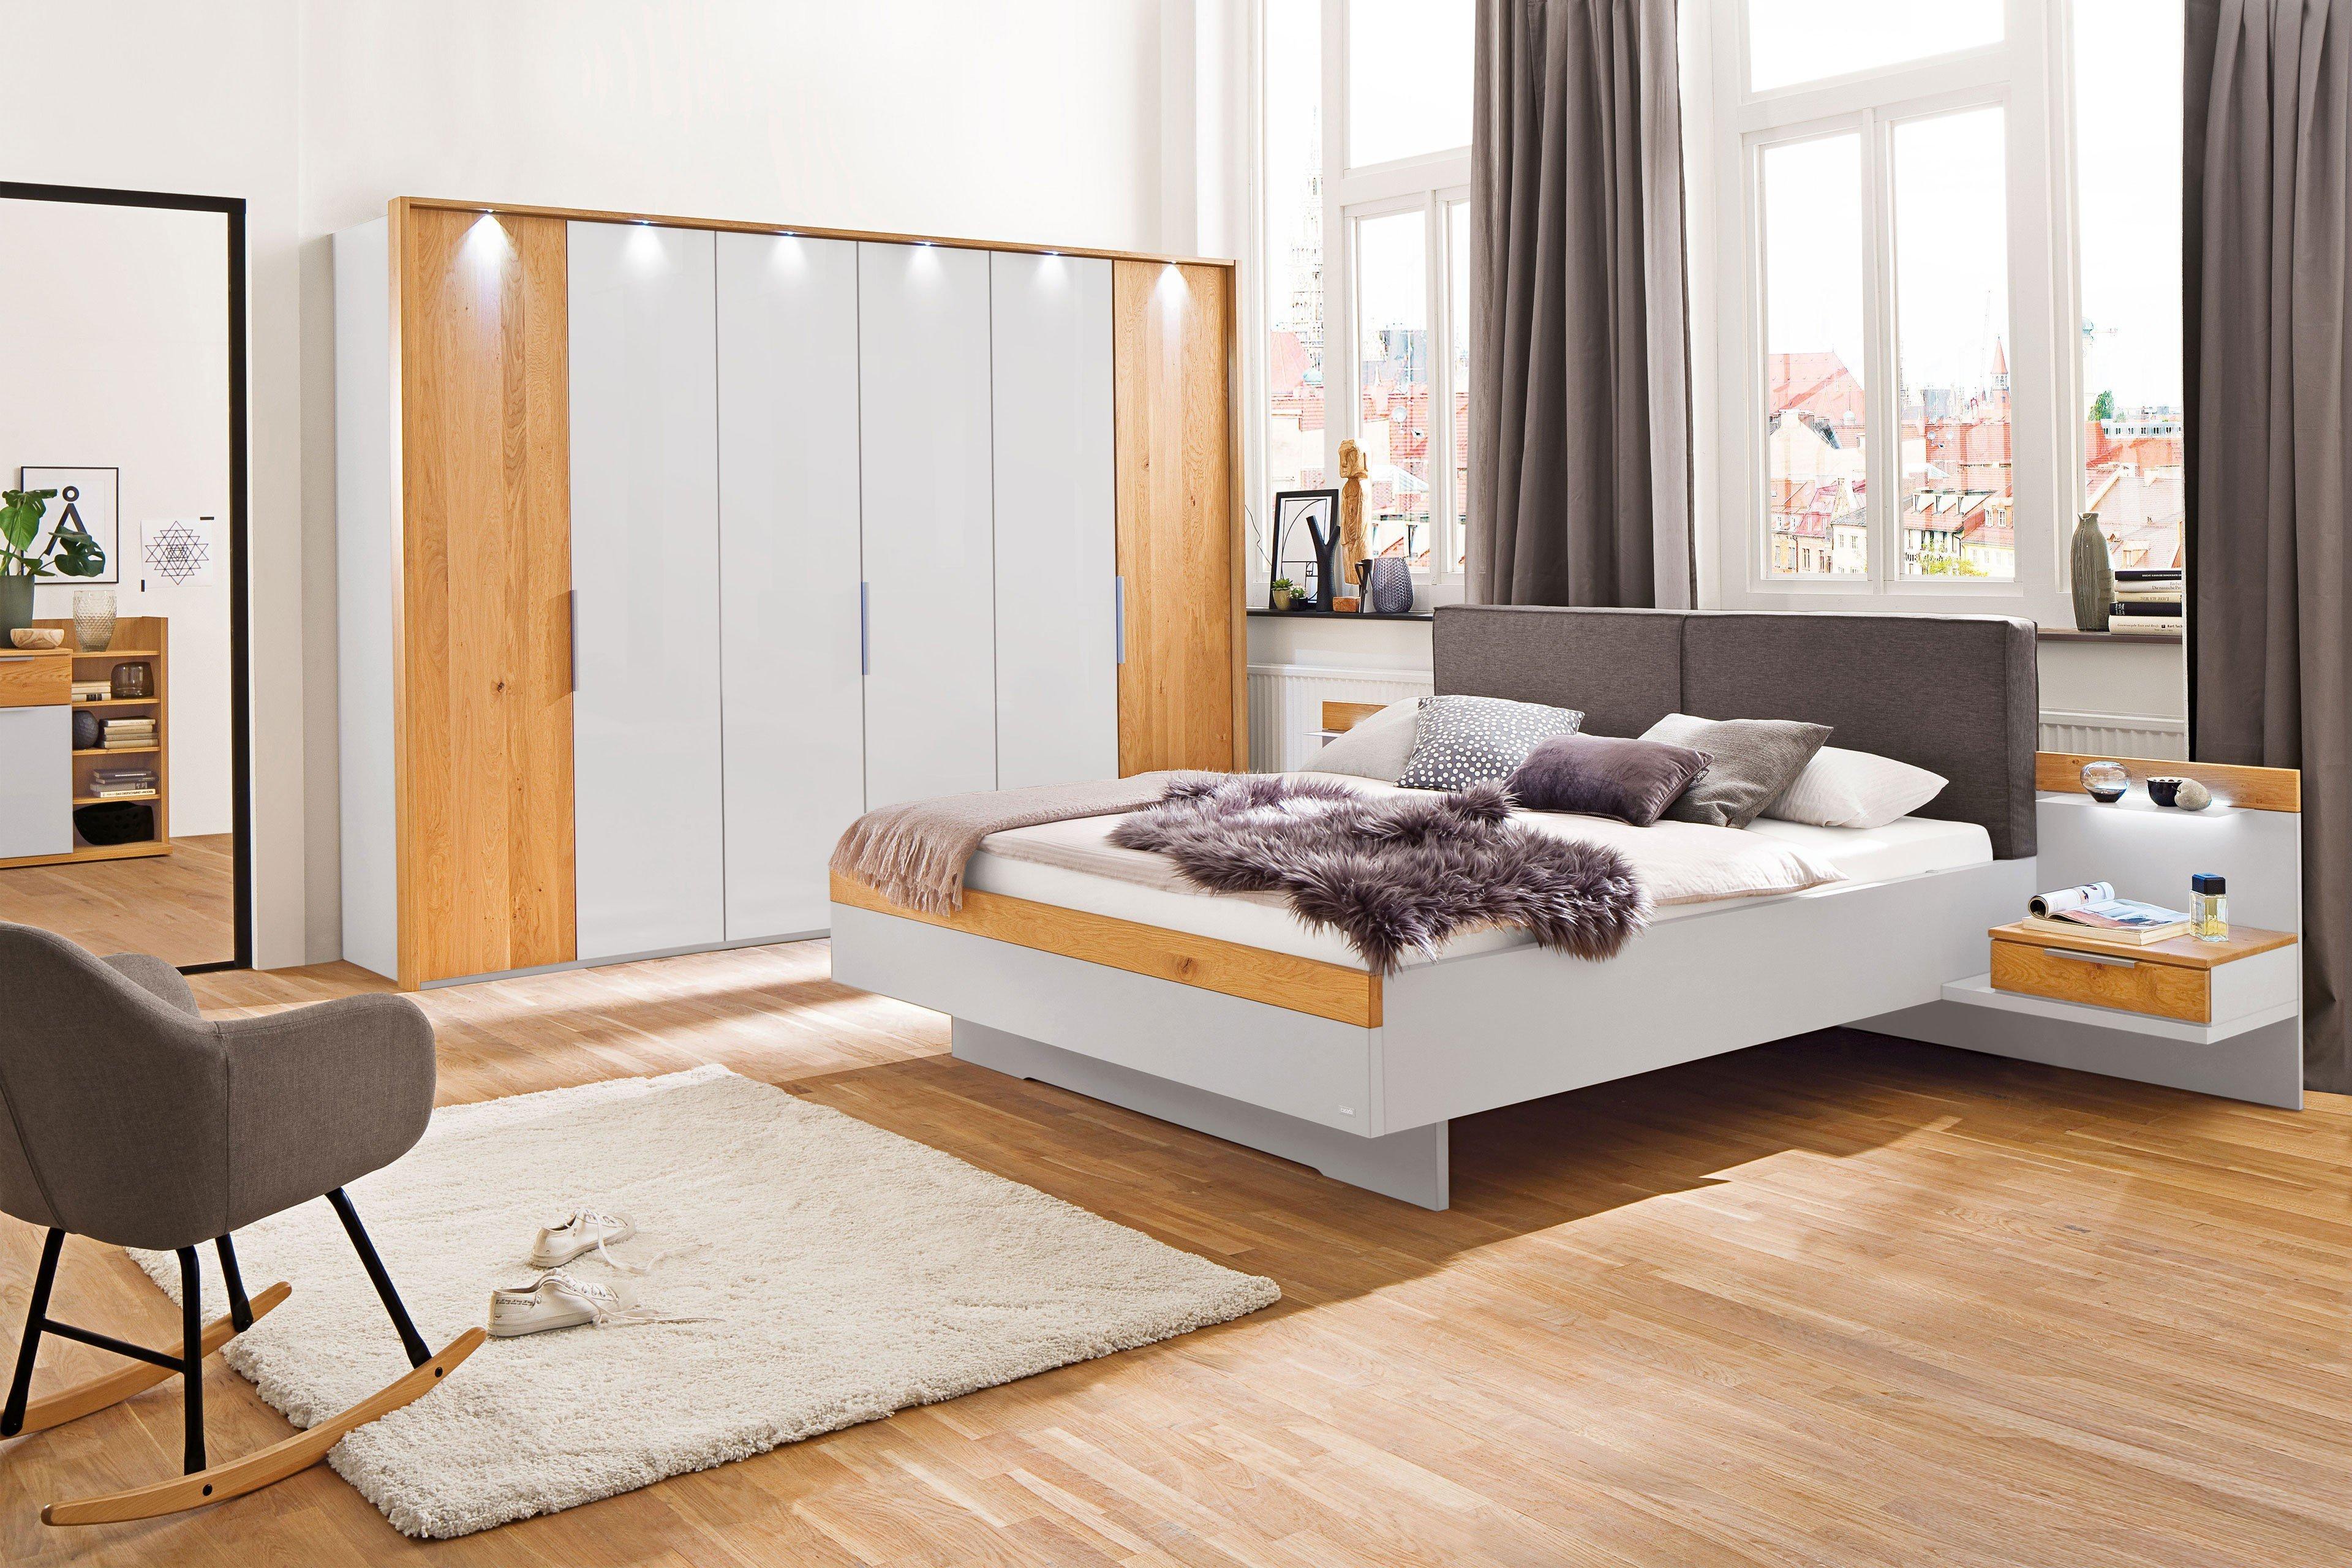 Liebenswurdig Grunes Schlafzimmer Ausfuhrung   Wohndesign